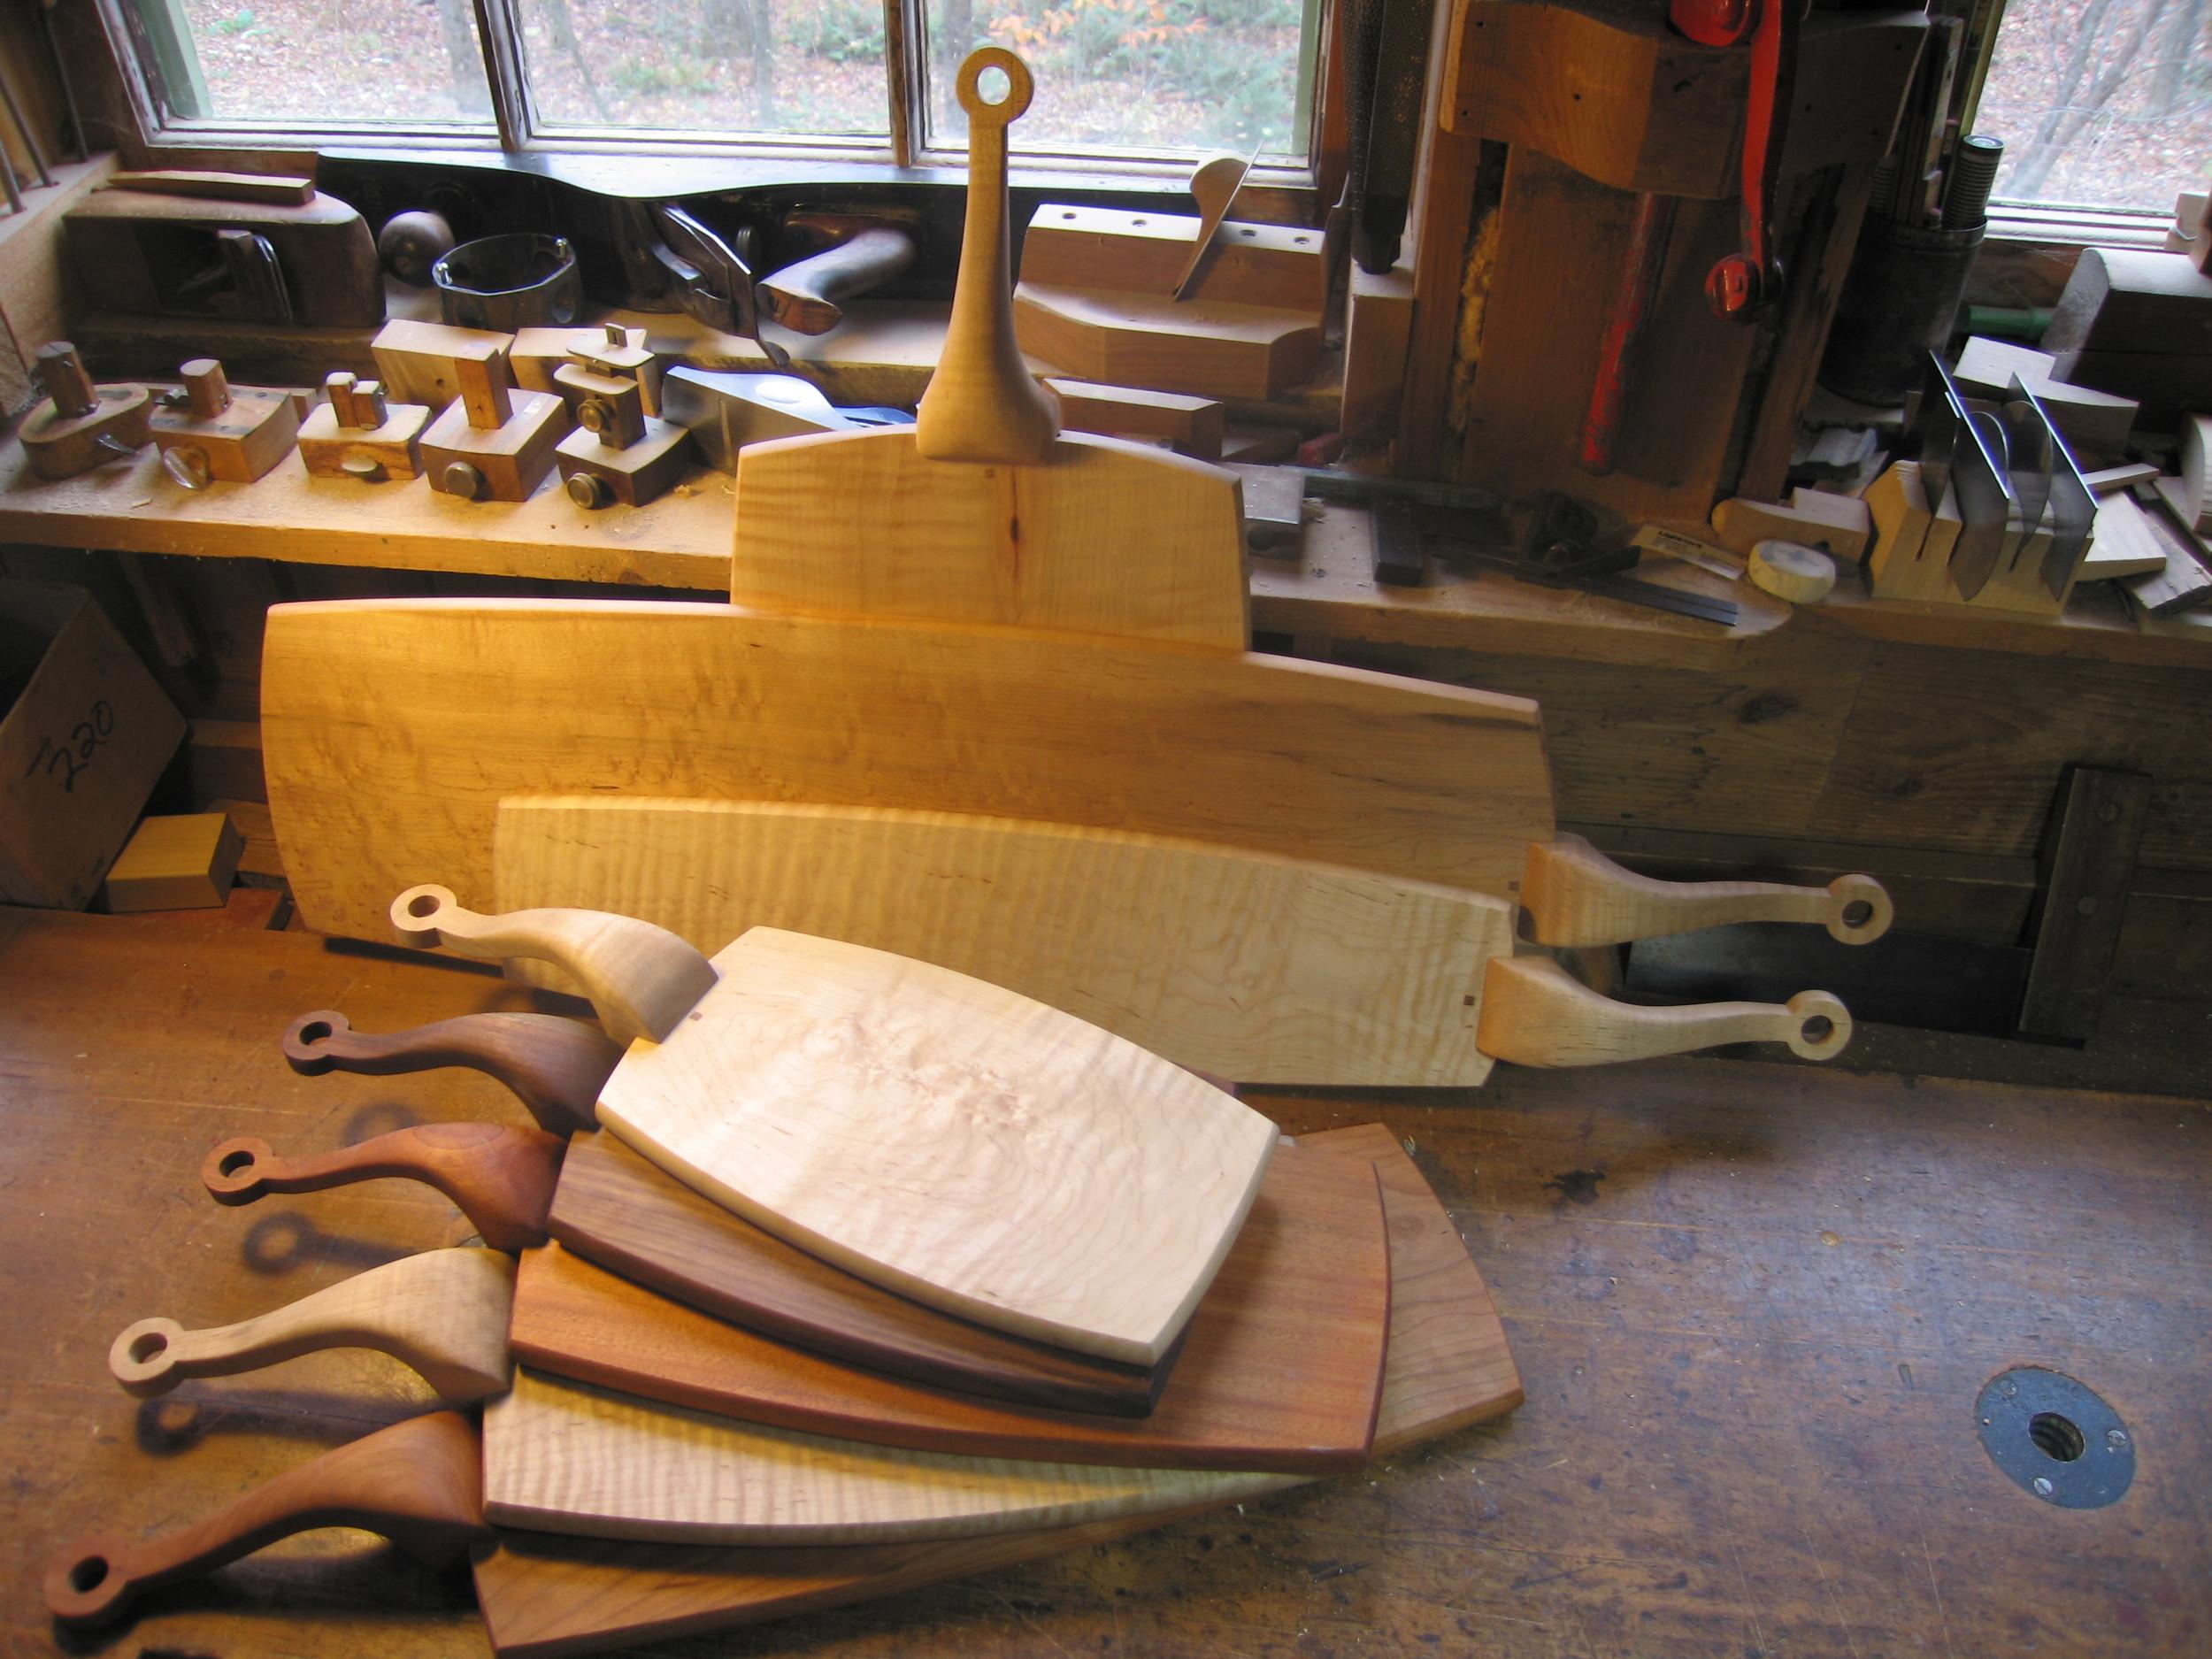 smallc_cutting_board_wood.JPG